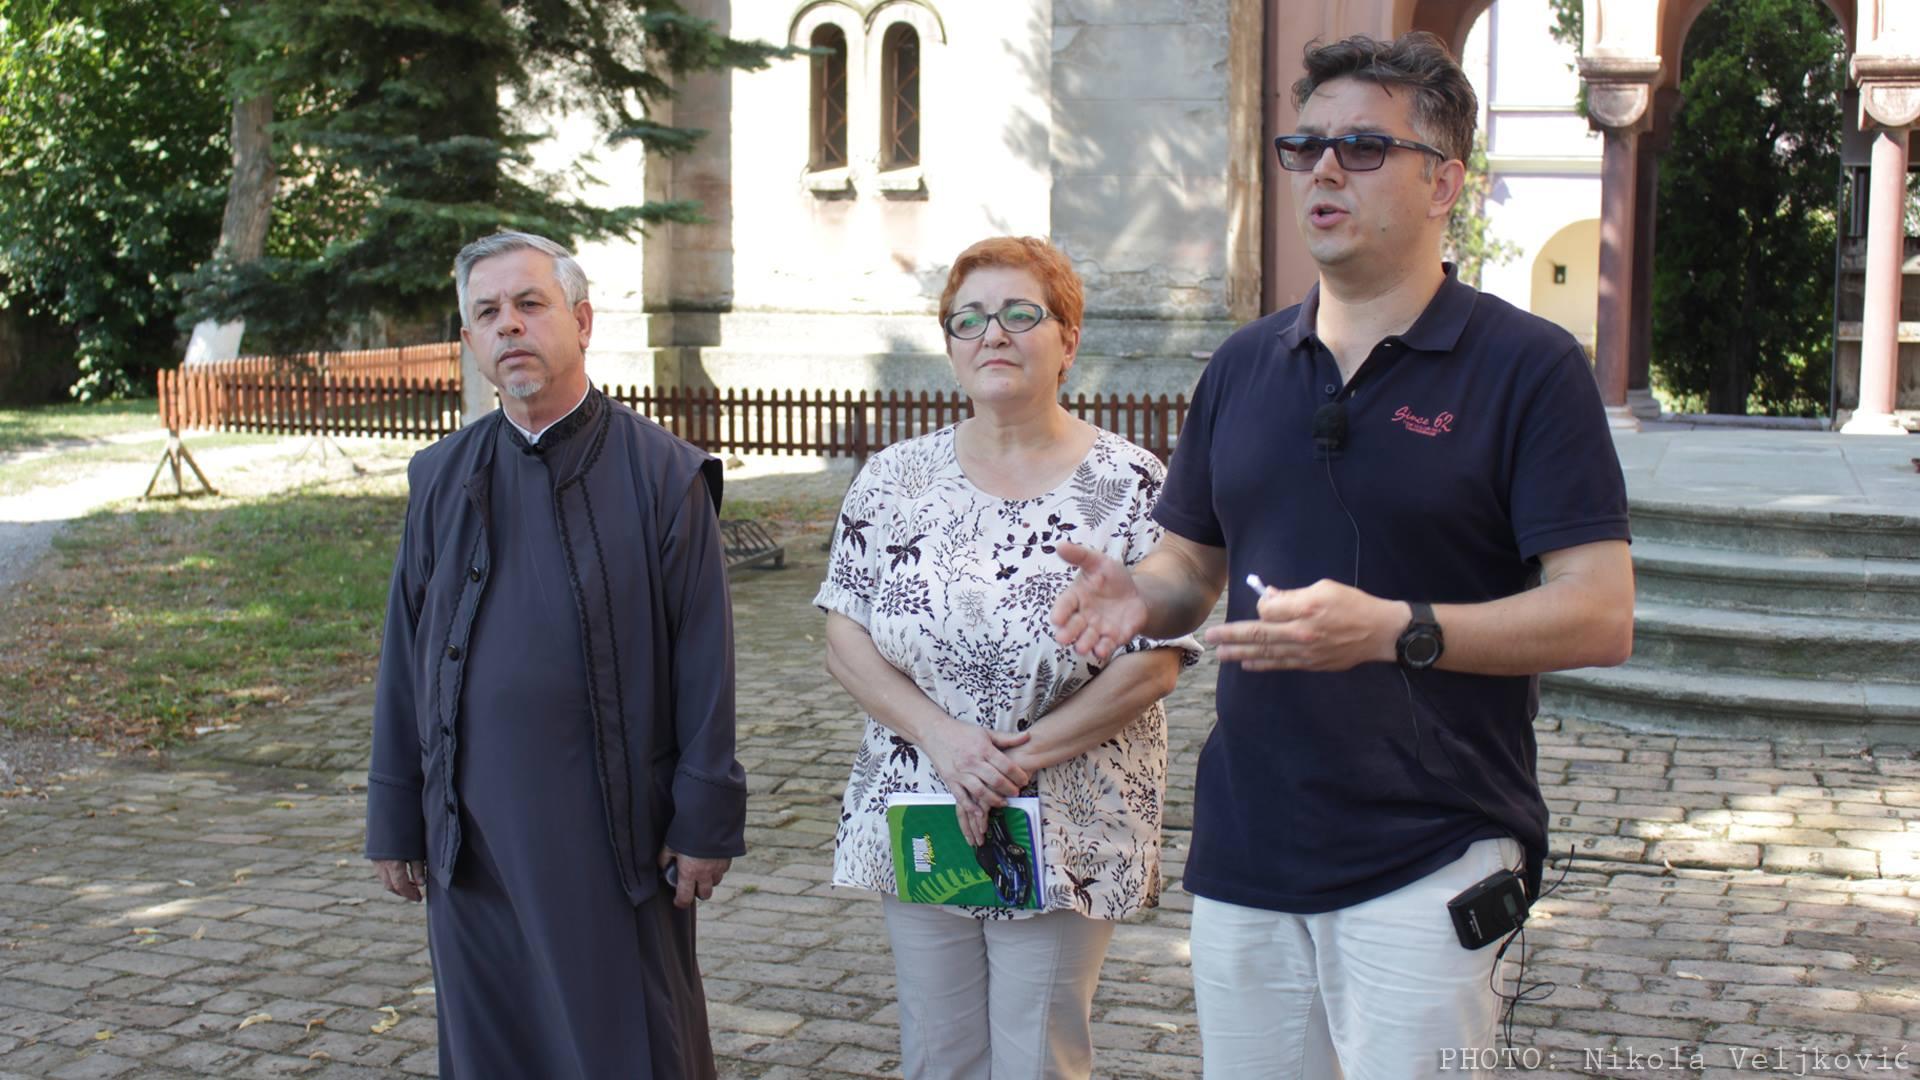 Nemanja Rotar Preobraženska crkva